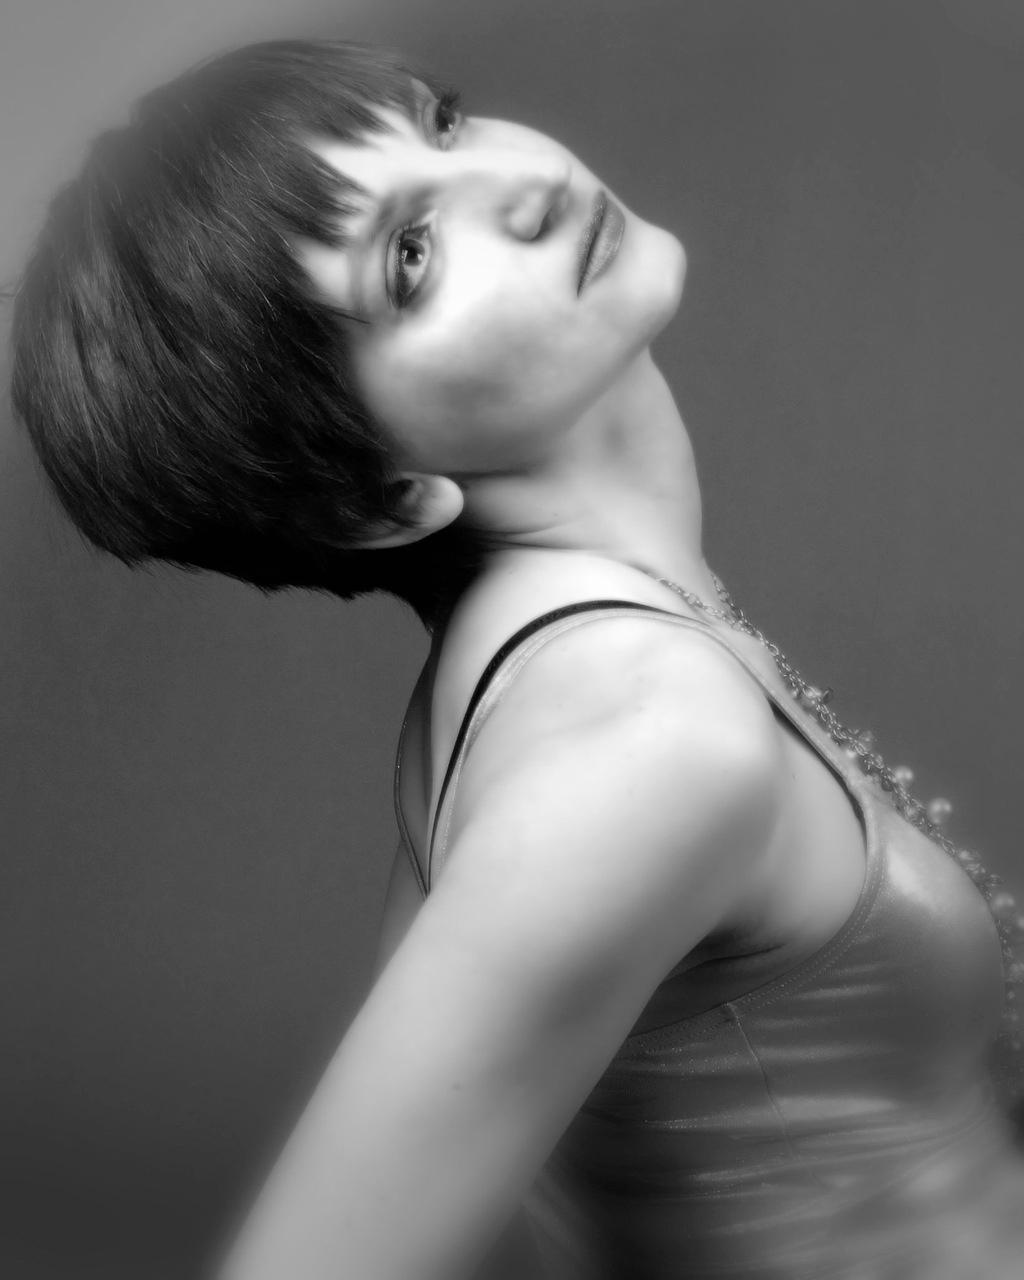 黑白短发美女图片图片